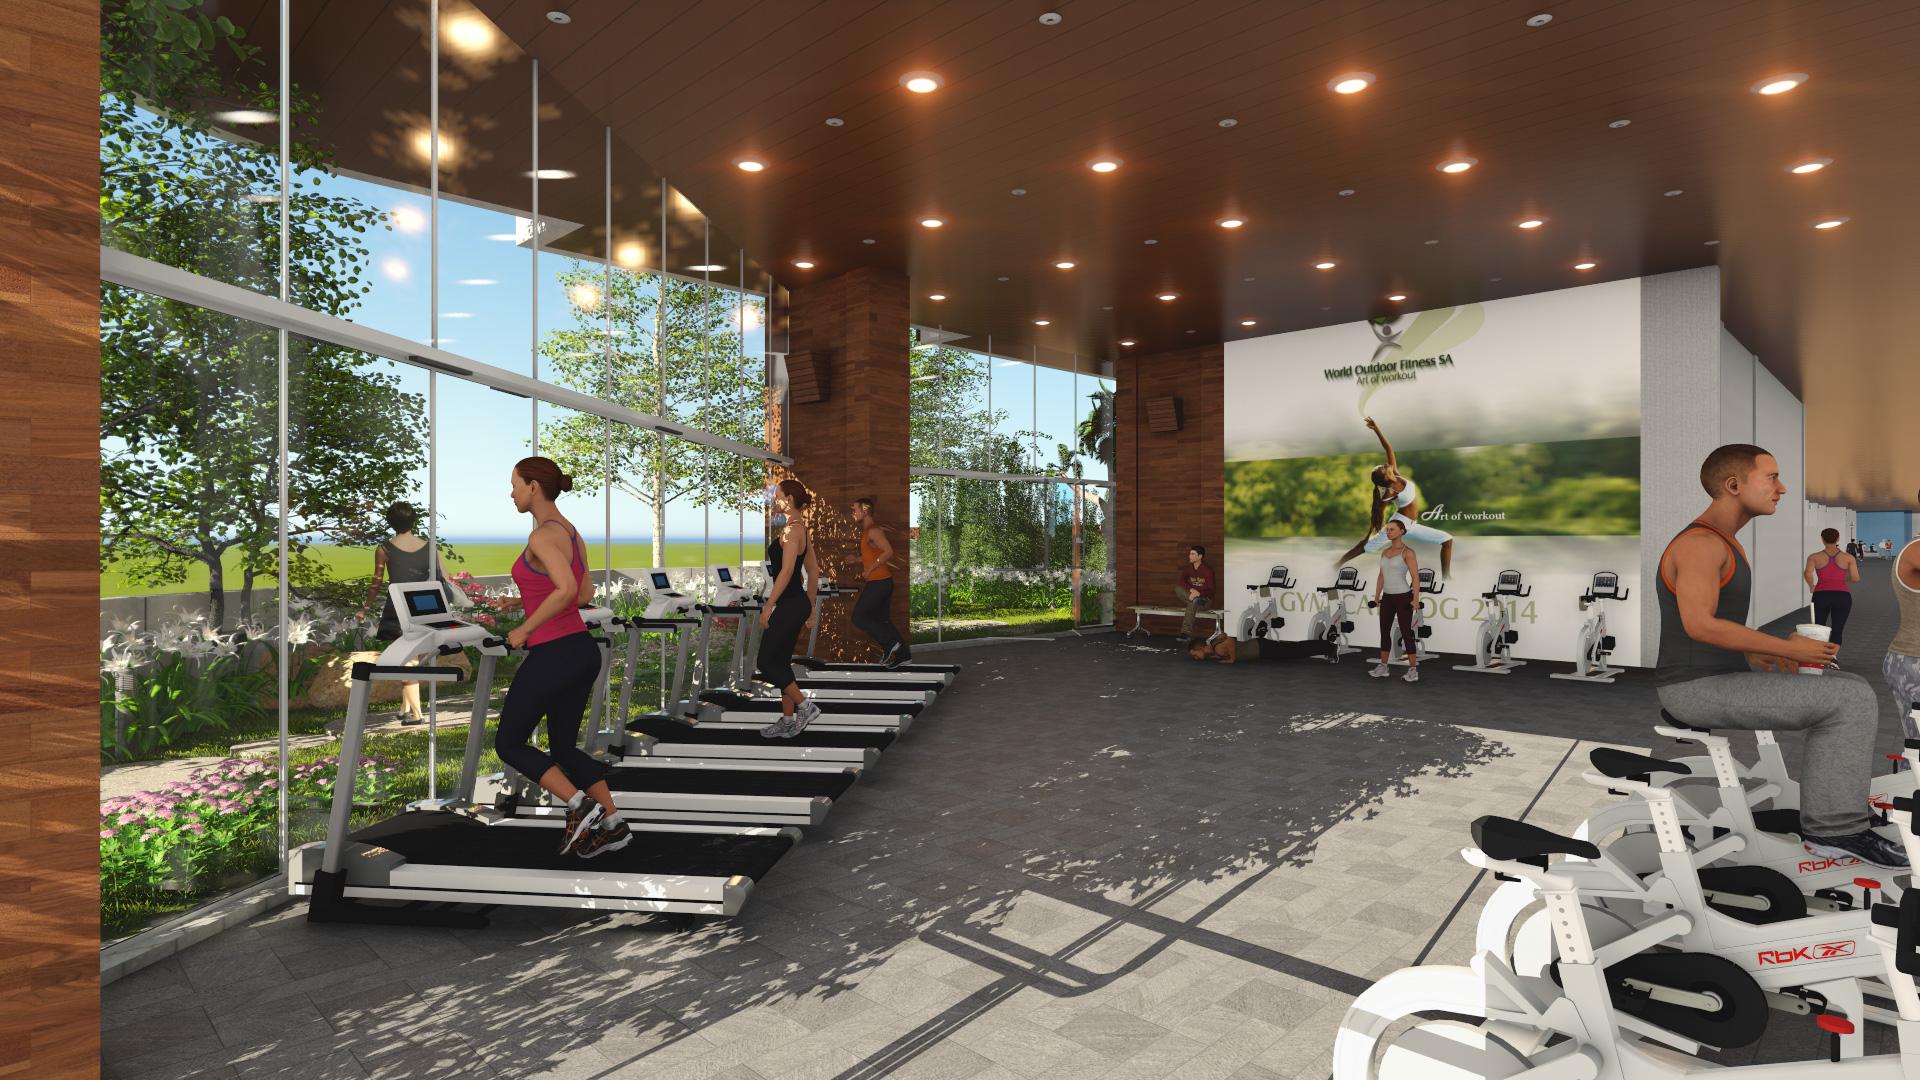 Phòng tập gym có view rất đẹp ra cảnh quan bên ngoài